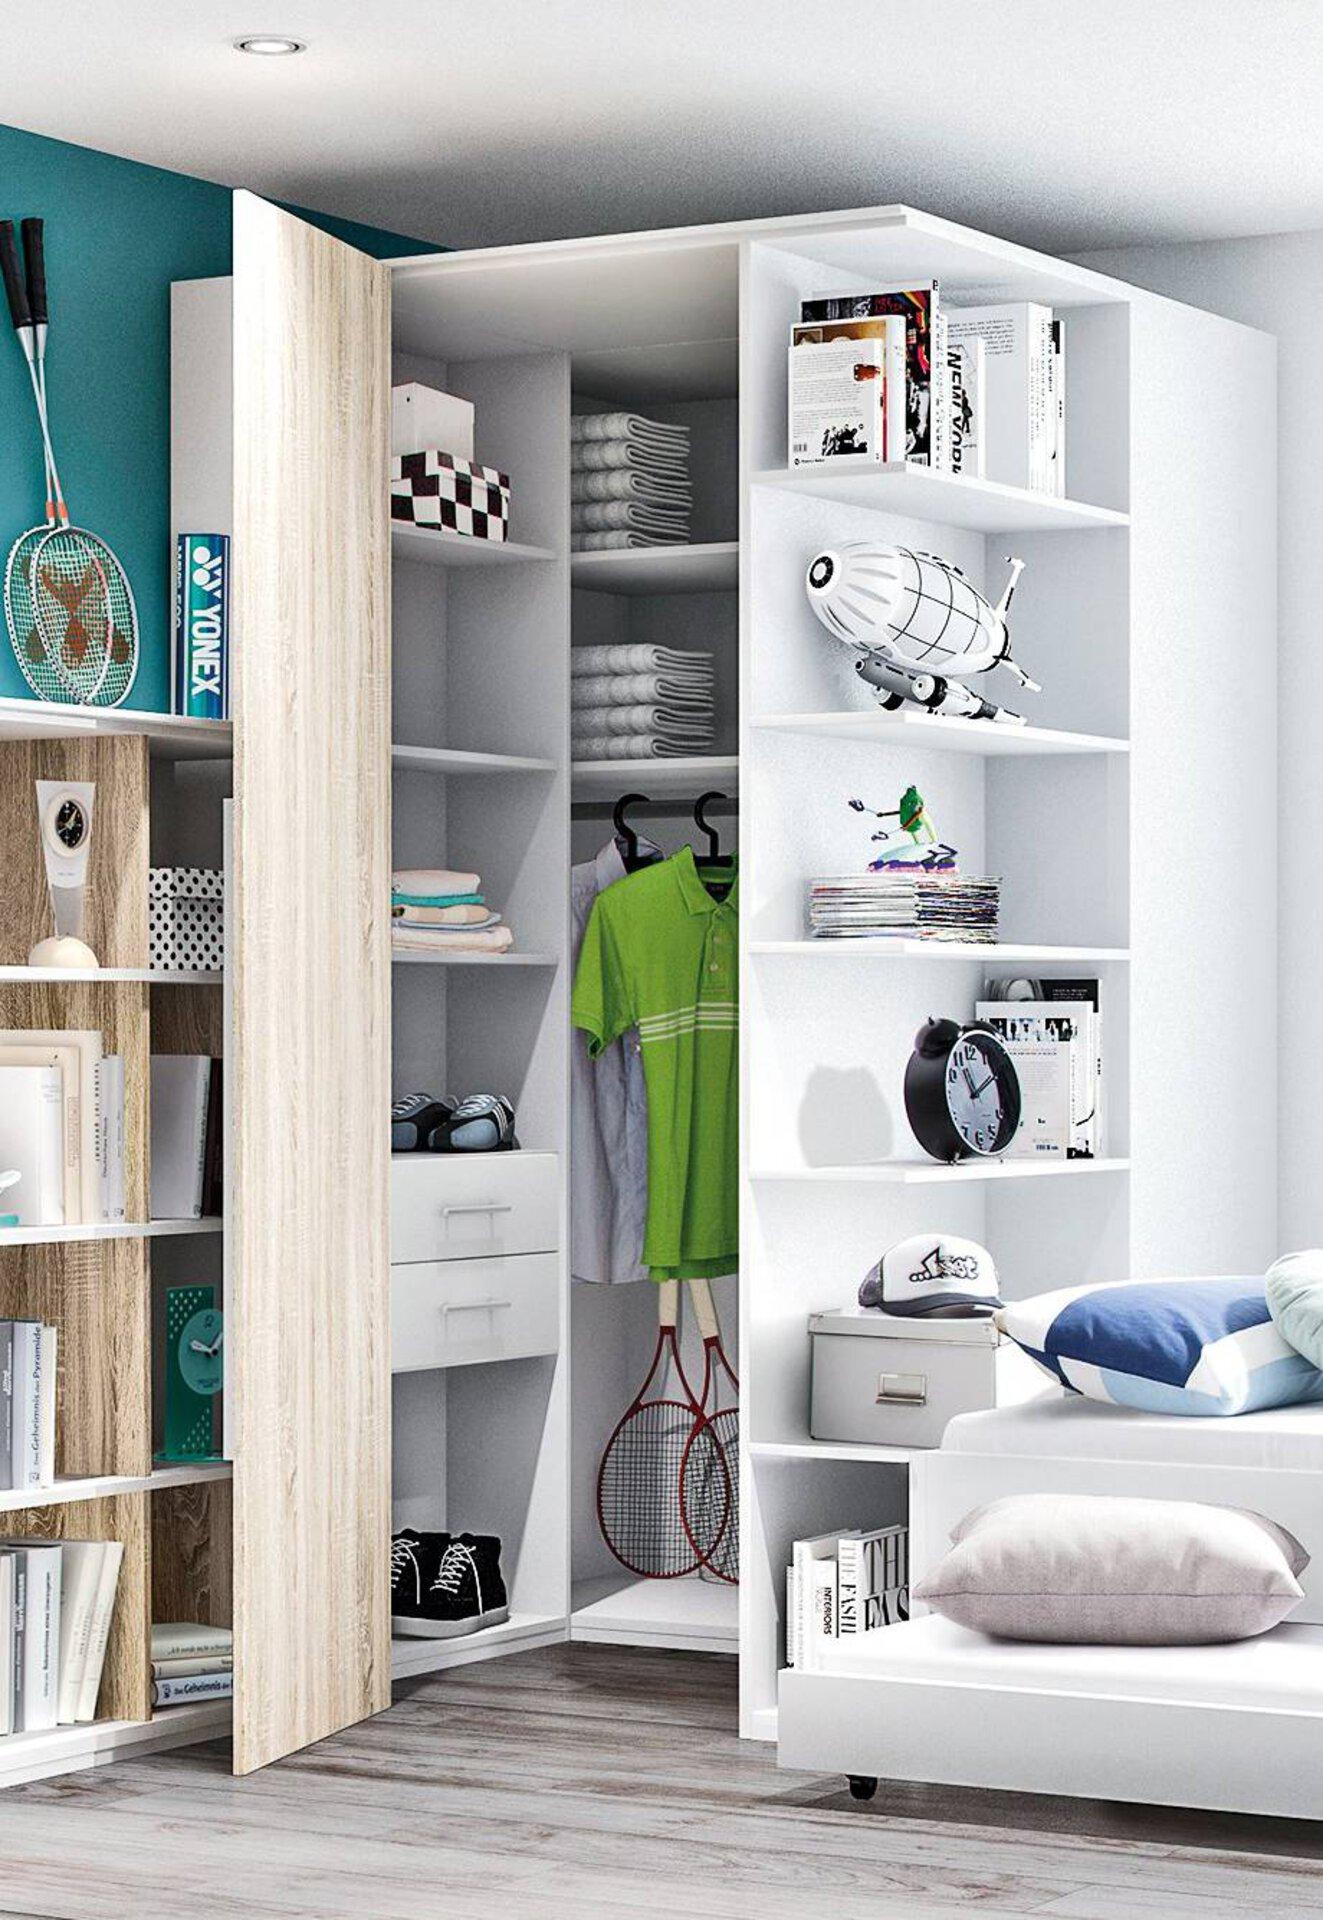 Weißer Eckkleiderschrank als ideale Möbellösung in einem WG-Zimmer